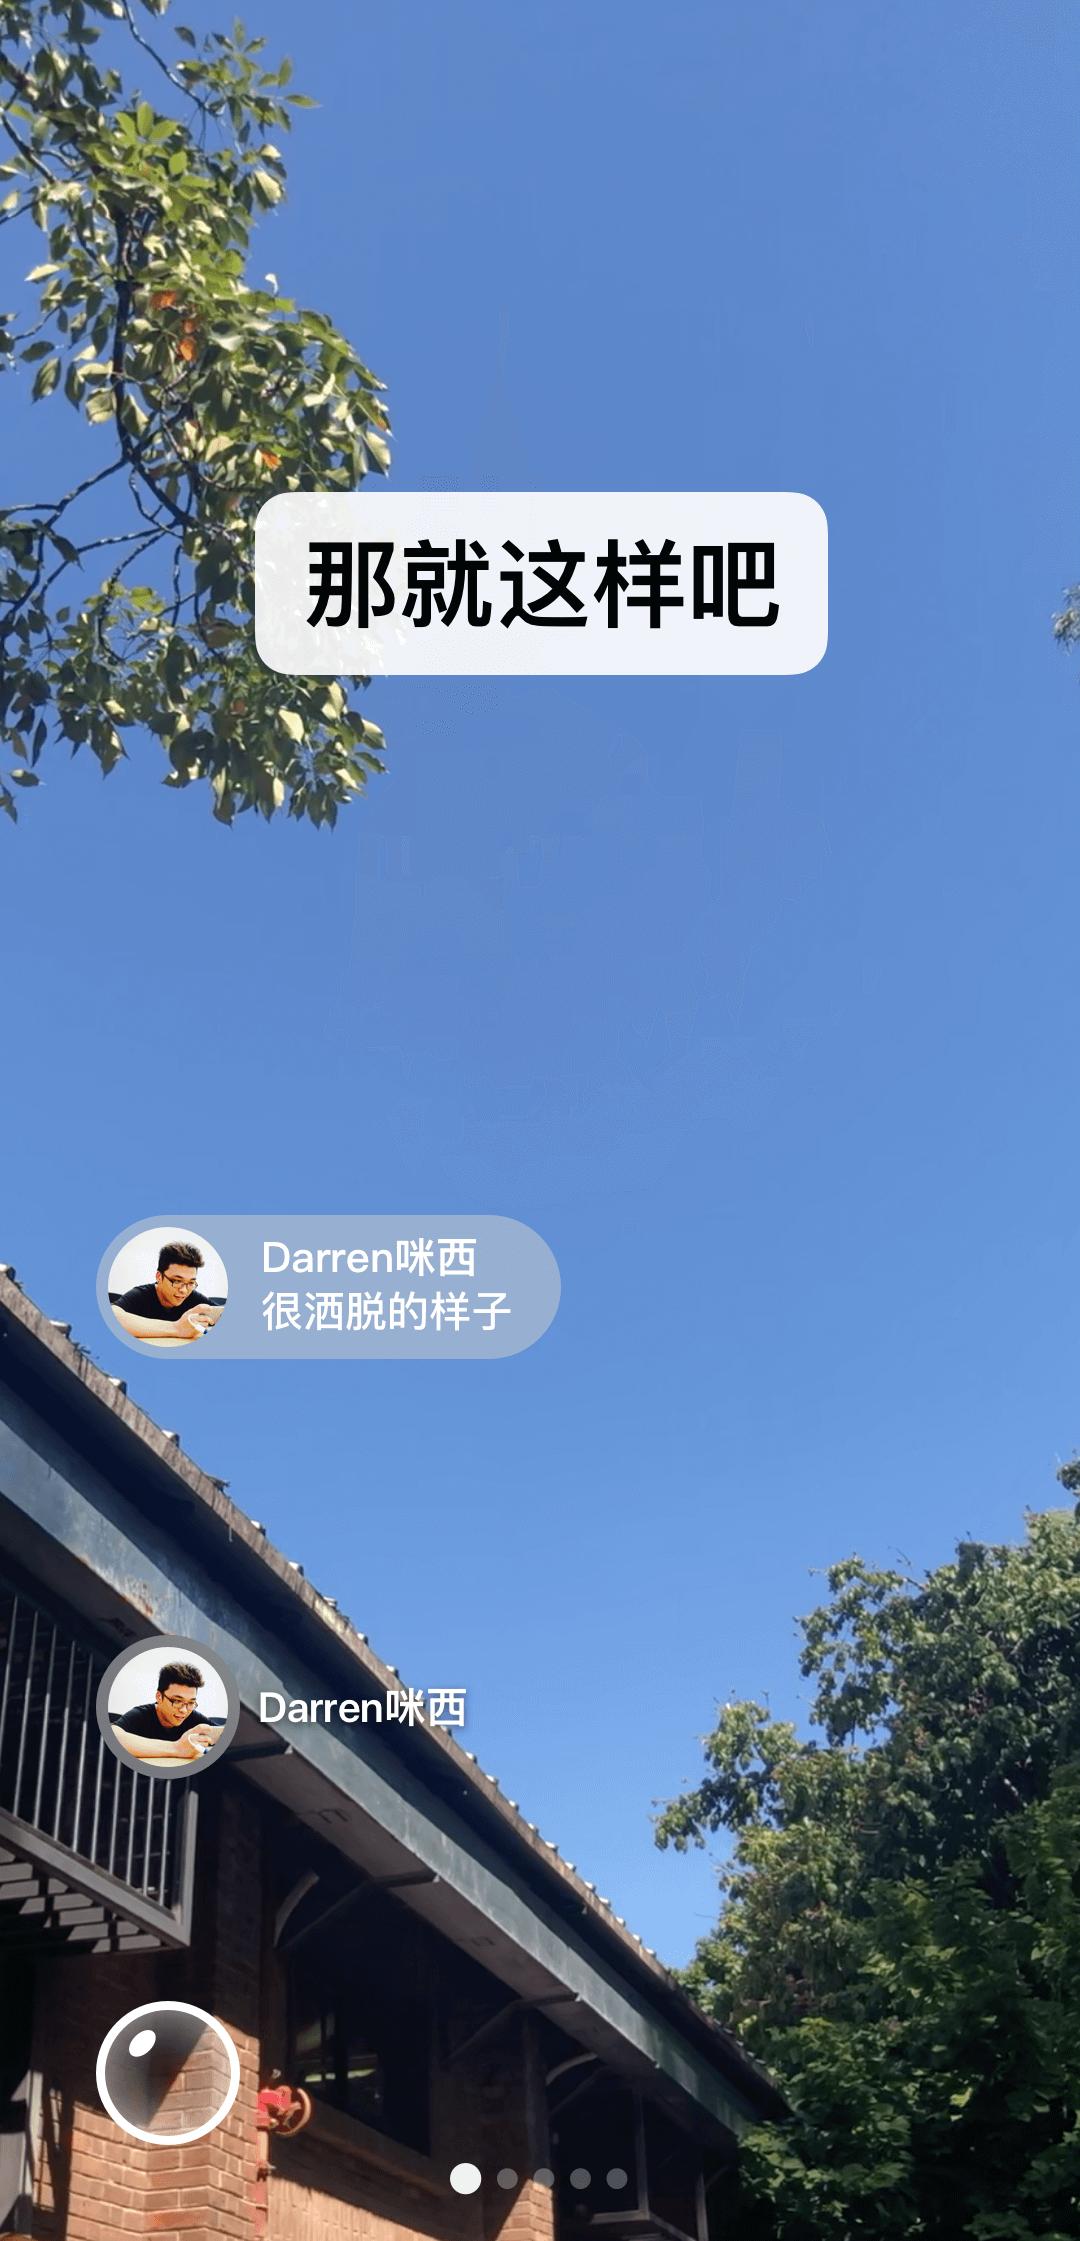 安卓版微信7.0更新后 字体大小错乱的问题